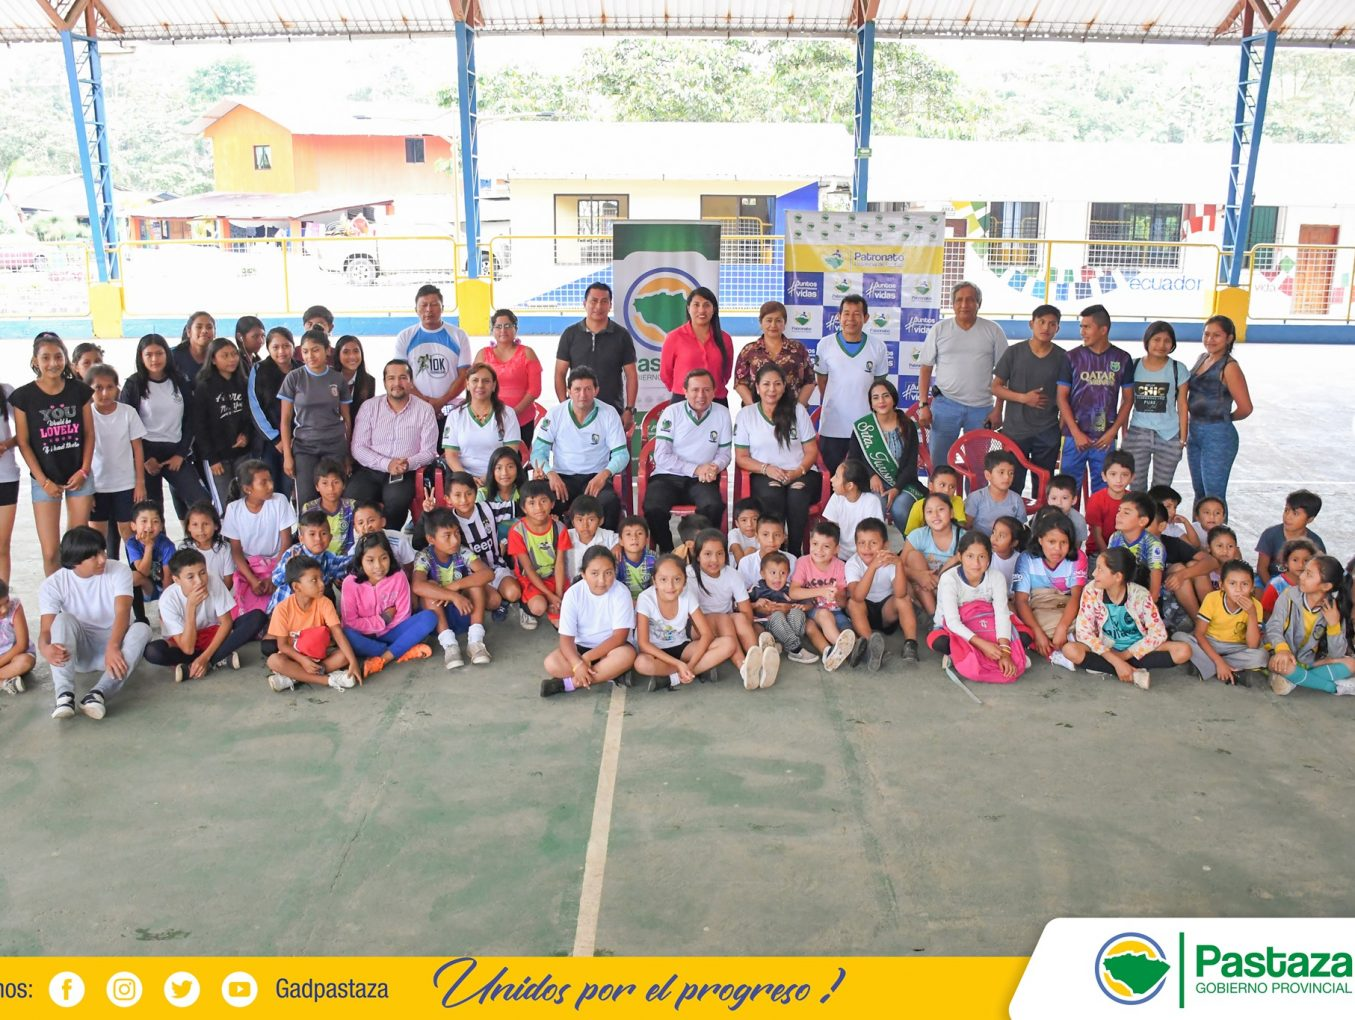 Prefecto Provincial inauguró la Escuela de Fútbol de la parroquia Tnte. Hugo Ortiz.